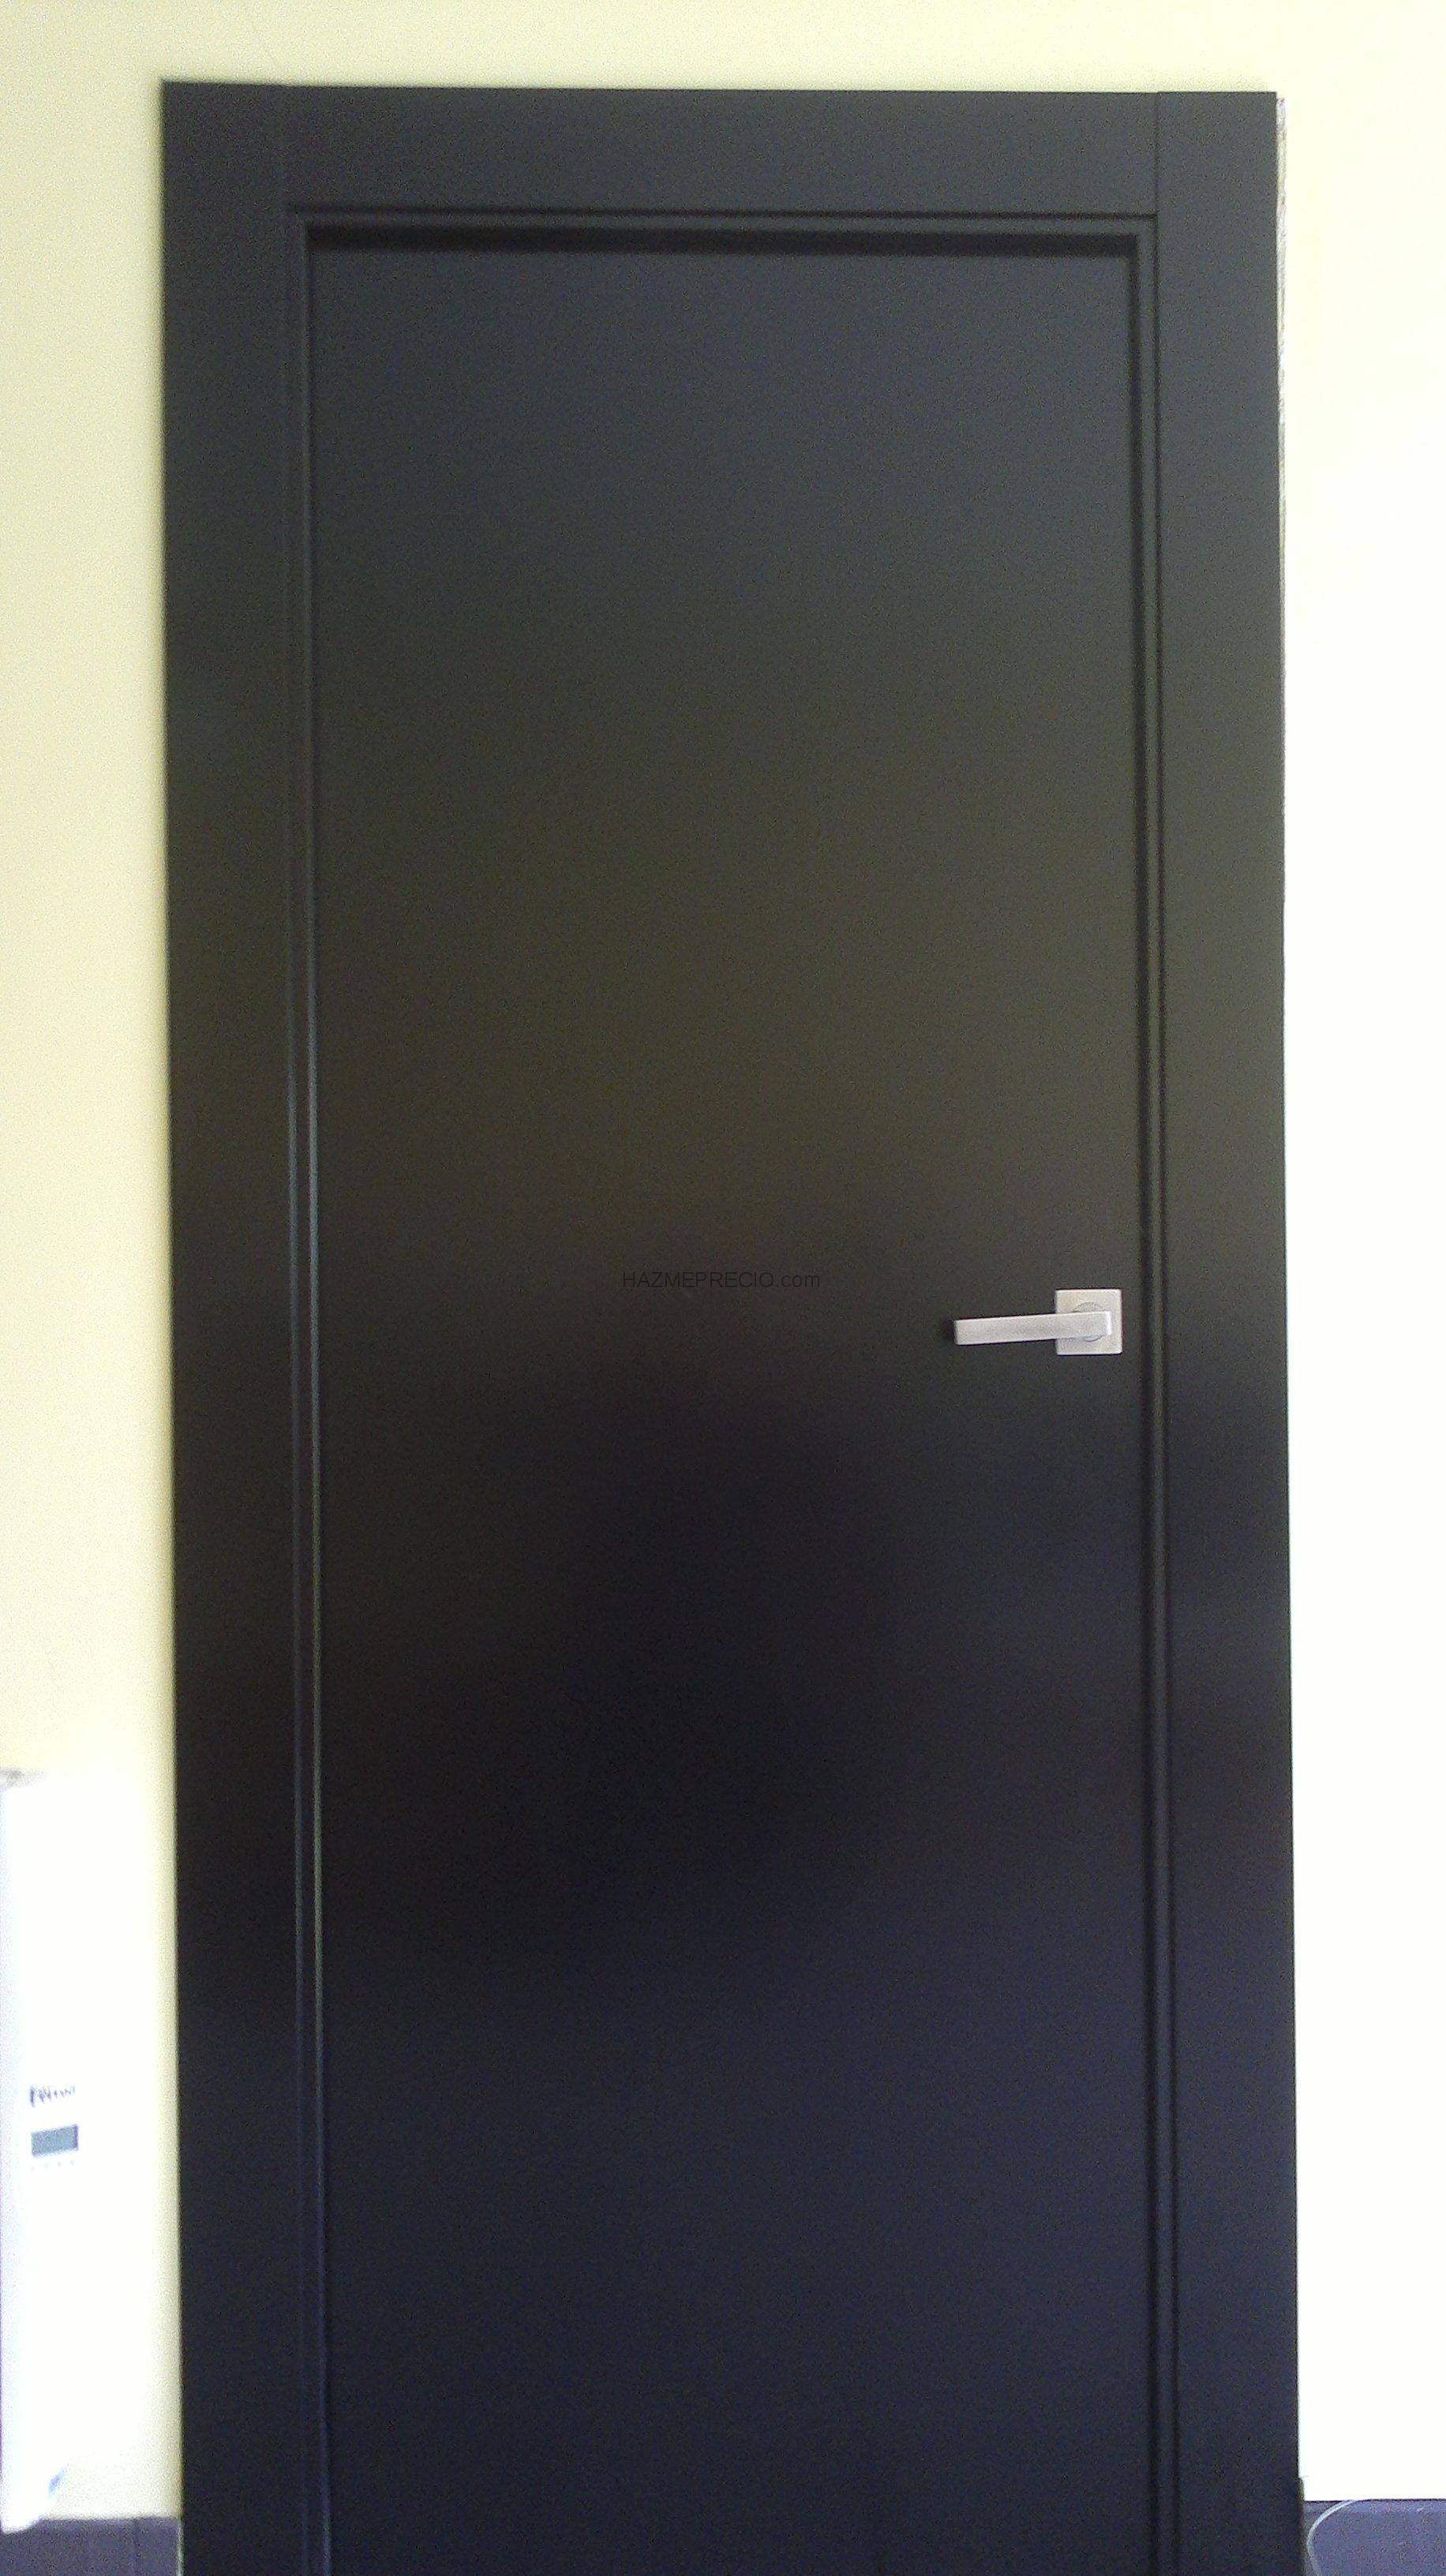 Presupuesto para cambiar cerradura puerta entrada casa - Cambiar puertas casa ...